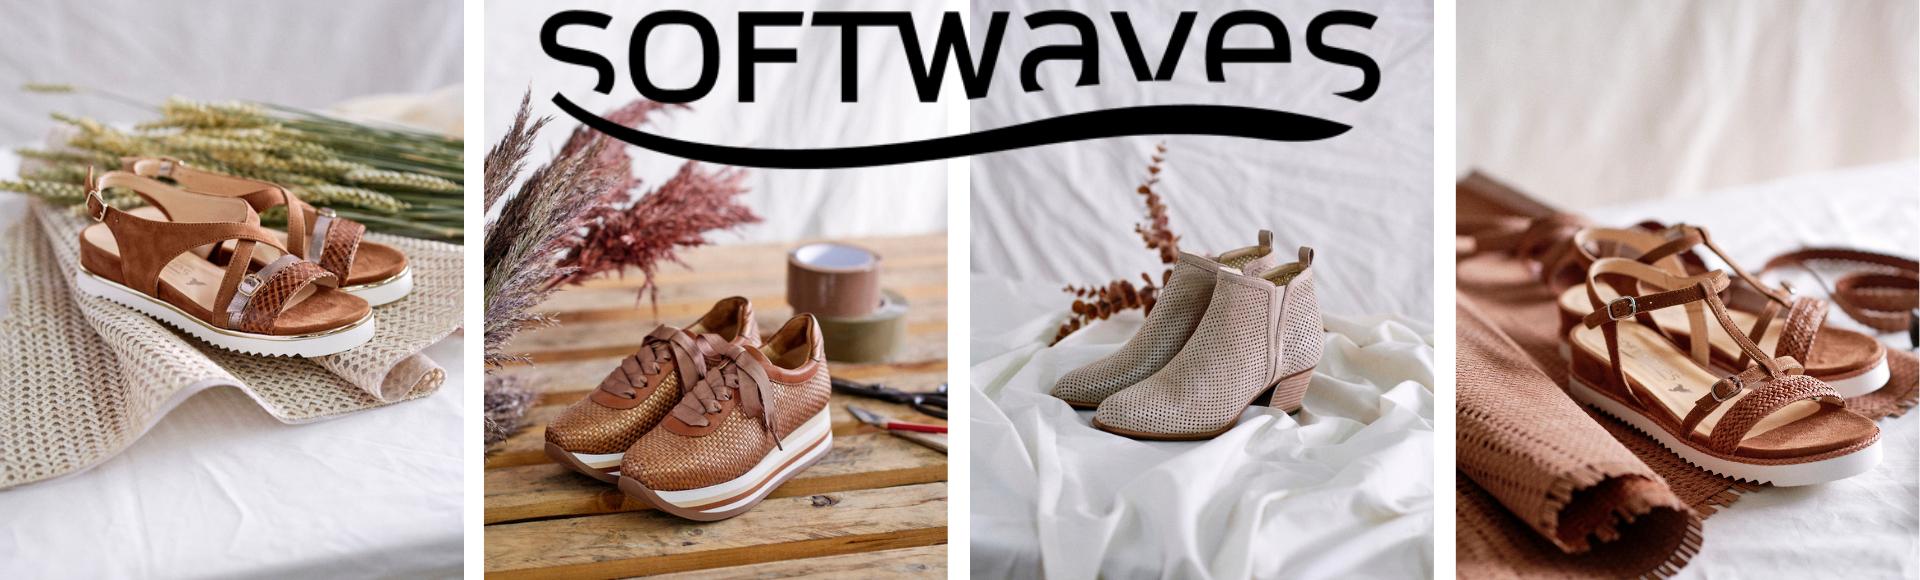 Coleção Softwaves